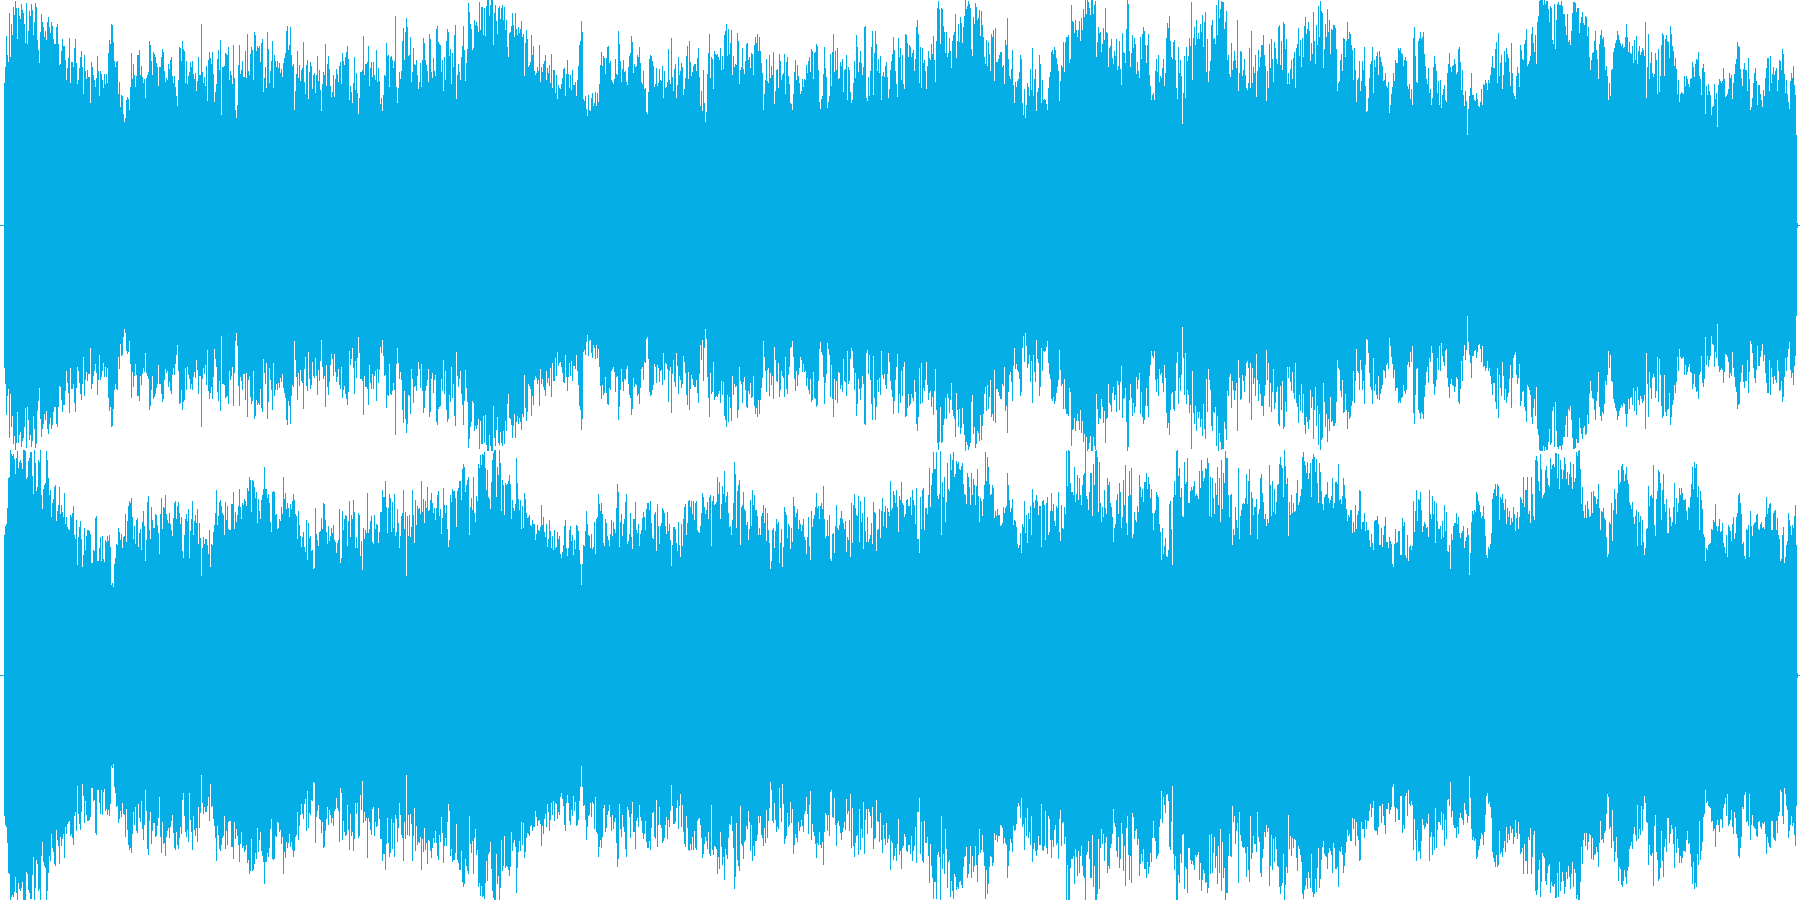 ループ可の明るく壮大なオーケストラBGMの再生済みの波形